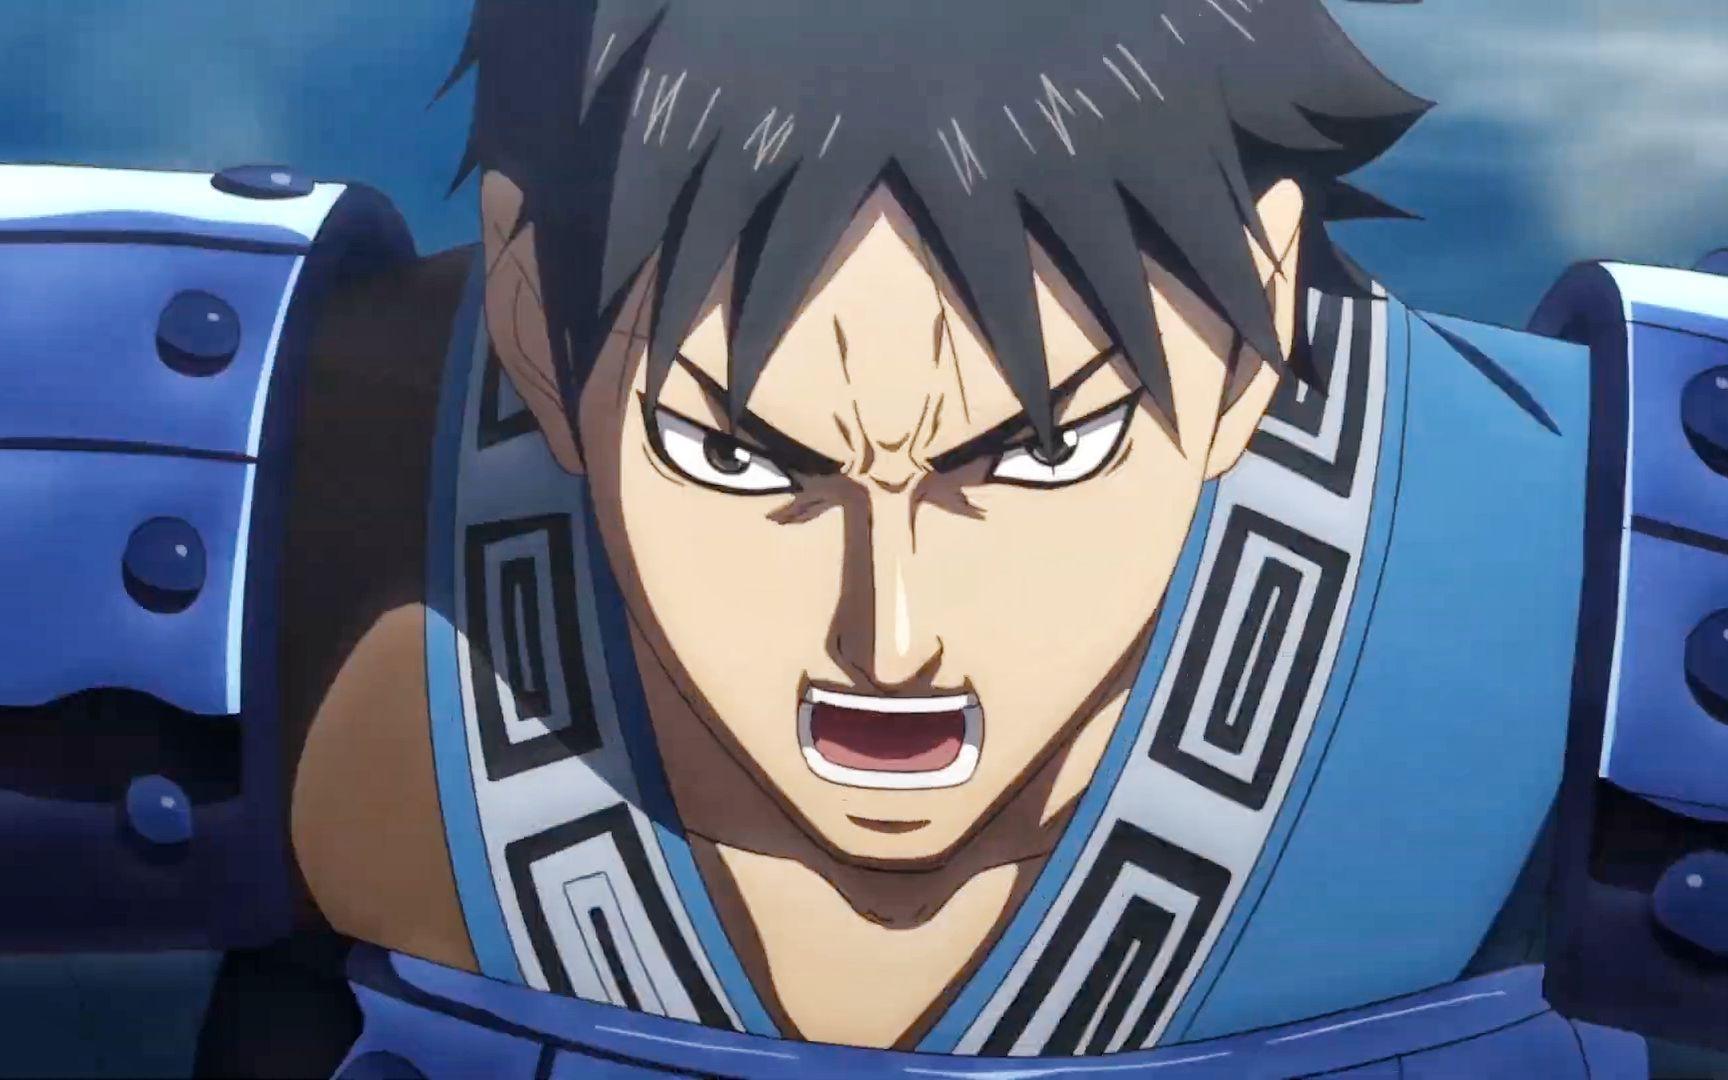 【情报】TV动画《王者天下 第三季》第2弹正式PV公开,2021年4月4日开播